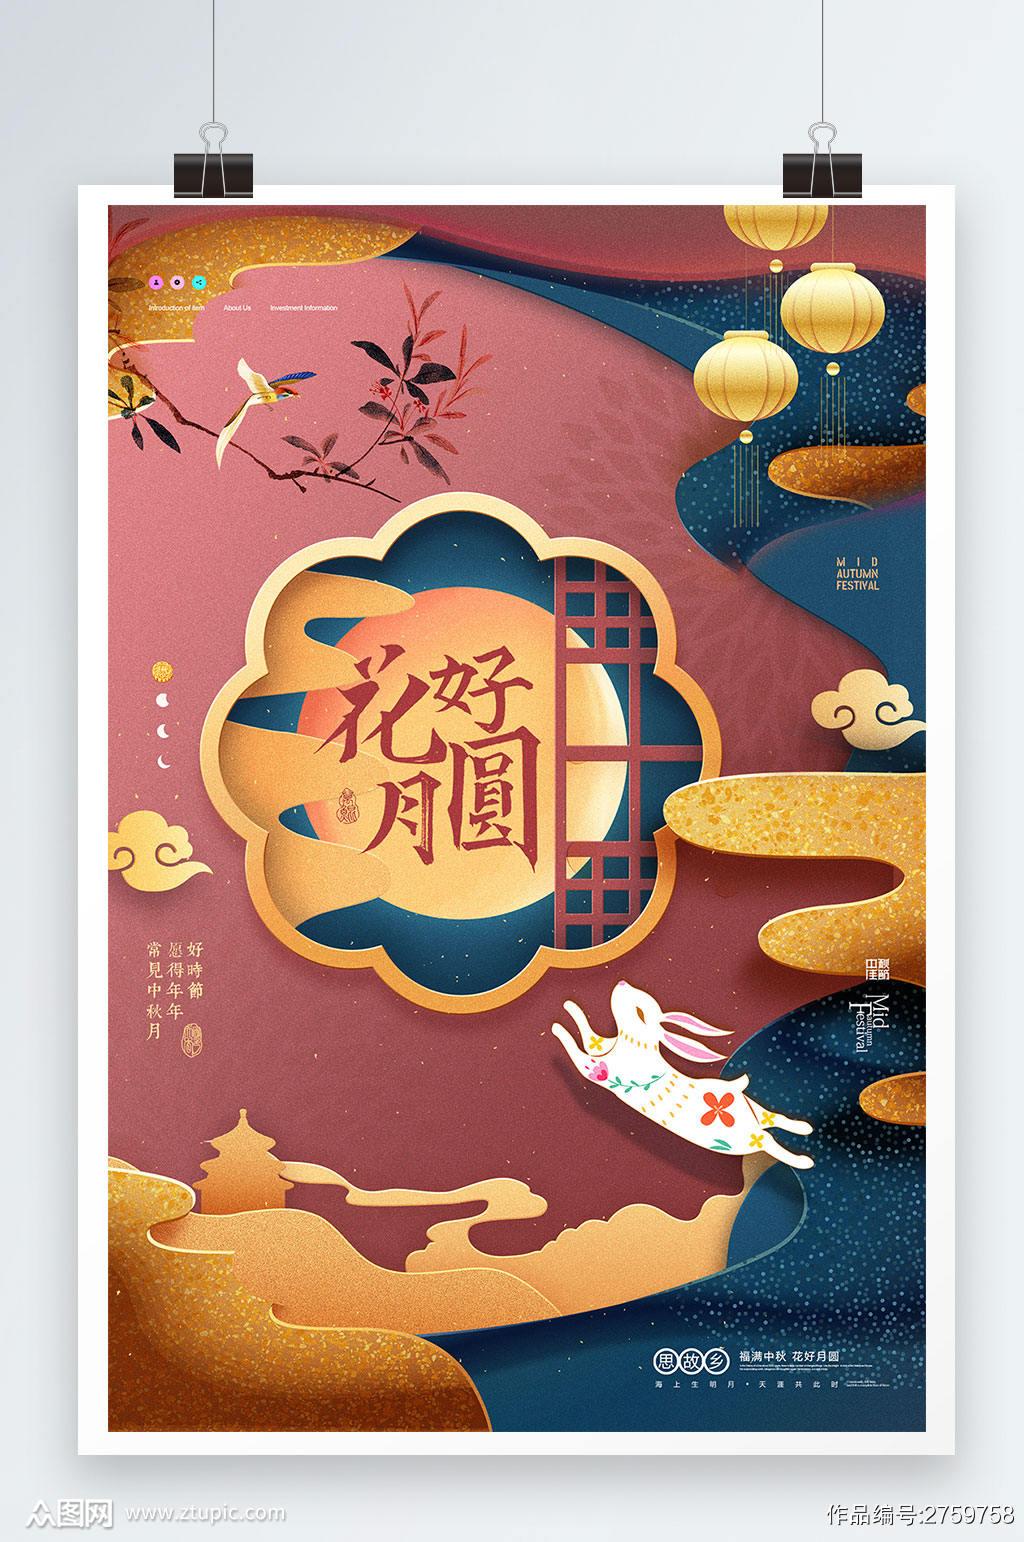 国潮月亮中秋节剪纸效果海报素材